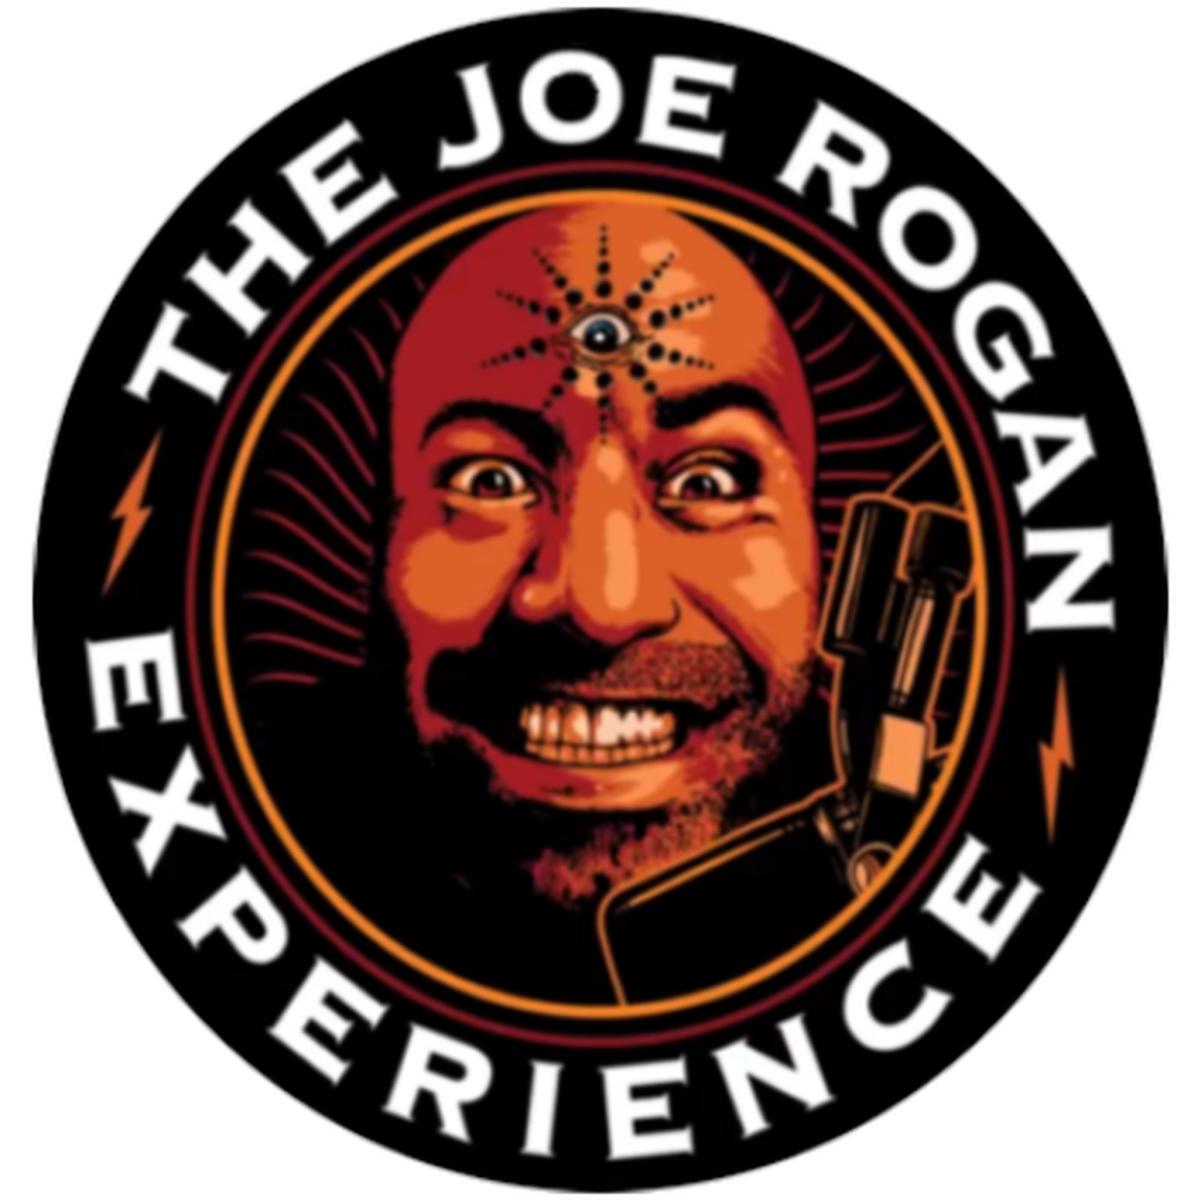 List of People Interviewed on the Joe Rogan Experience wiki, List of People Interviewed on the Joe Rogan Experience history, List of People Interviewed on the Joe Rogan Experience news